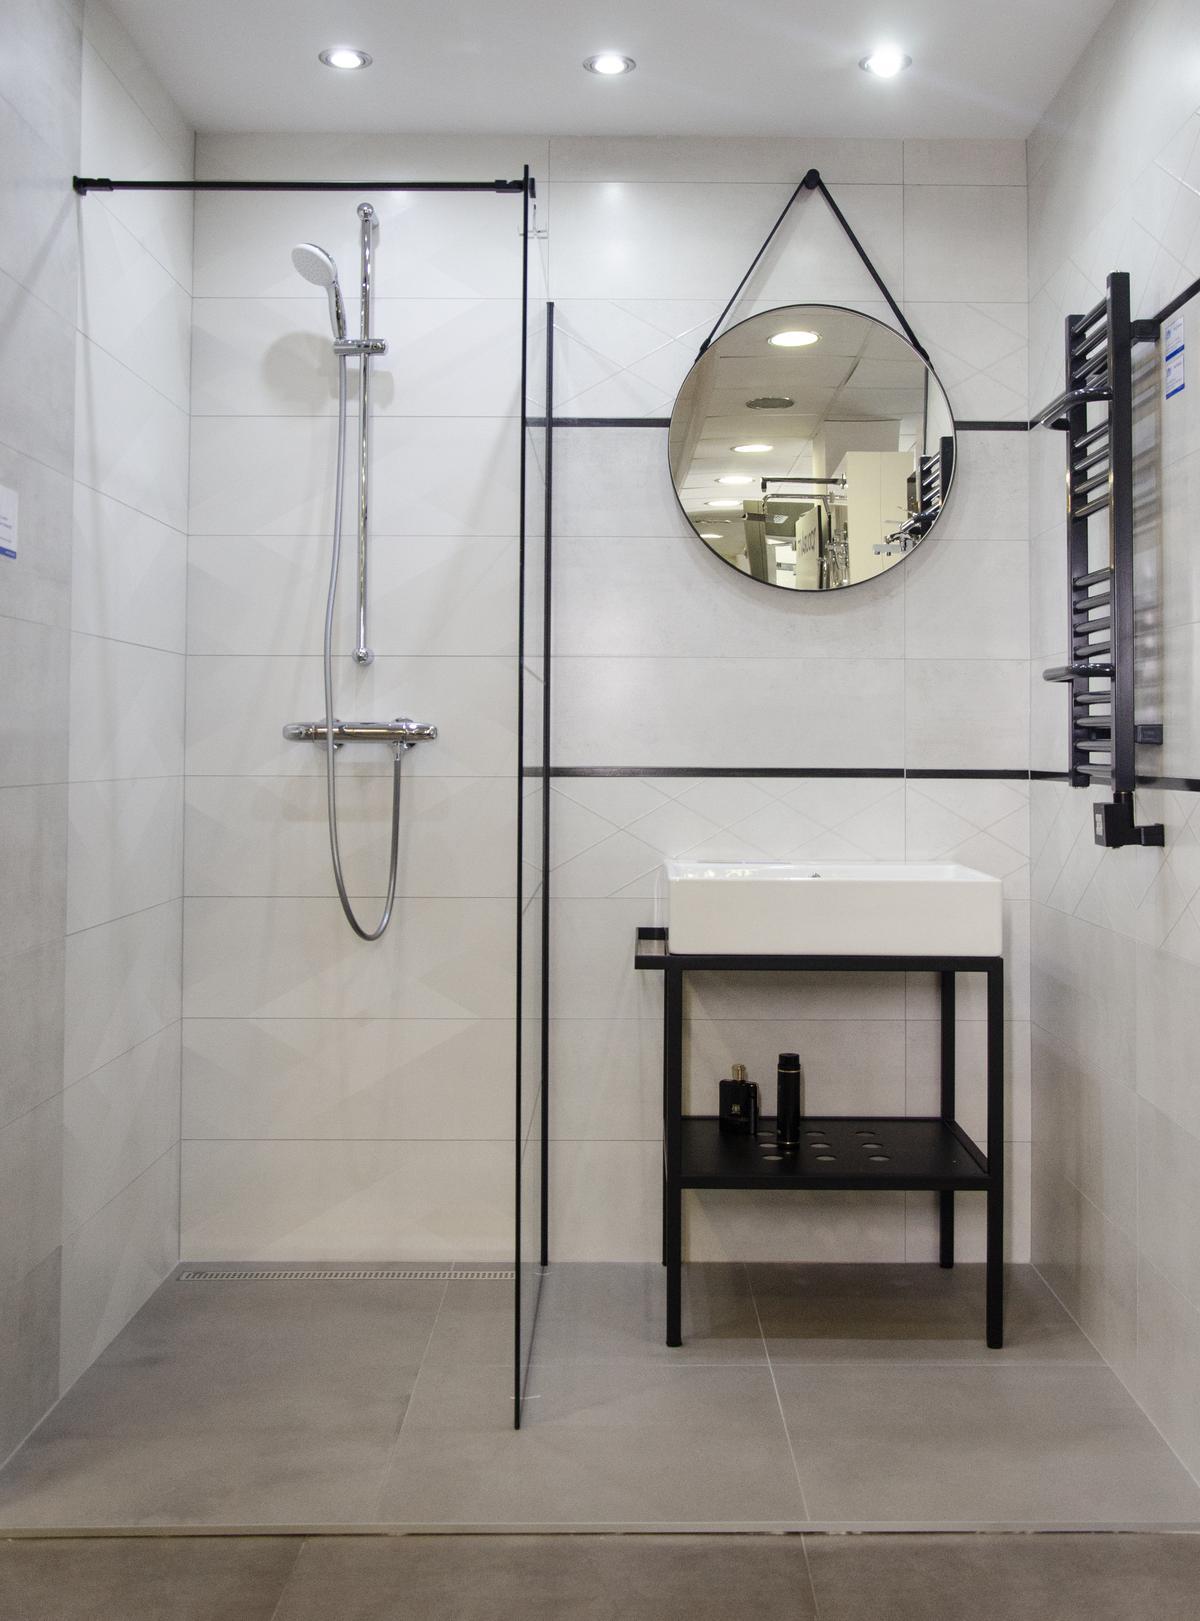 Łazienka w stylu skandynawskim z czarnymi akcentami i kabiną walk-in - zdjęcie od BLU salon łazienek Kołobrzeg